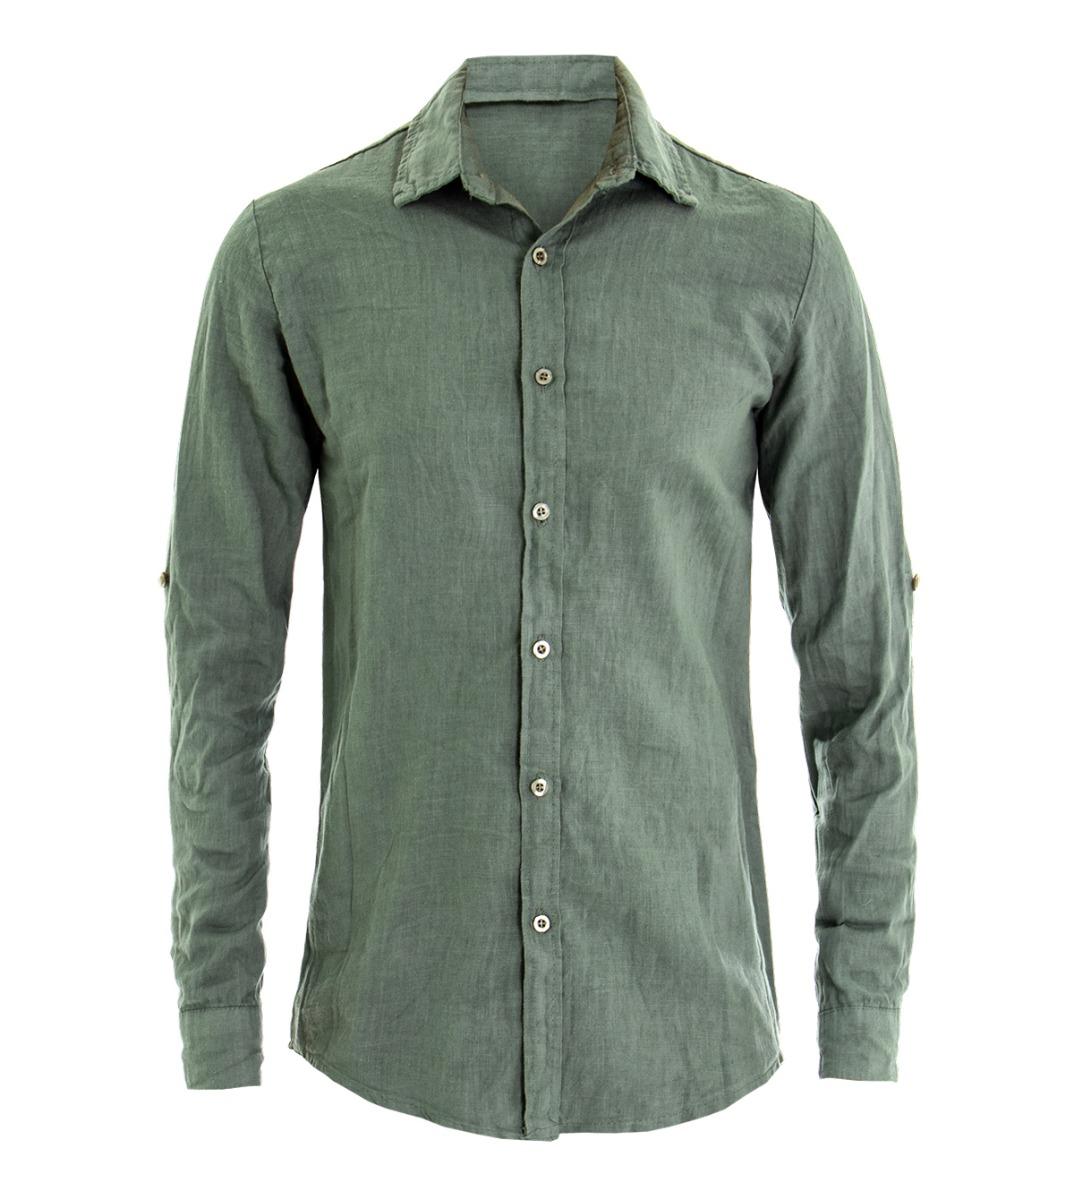 Camicia-Uomo-Lino-Maniche-Lunghe-Colletto-Tinta-Unita-Verde-GIOSAL